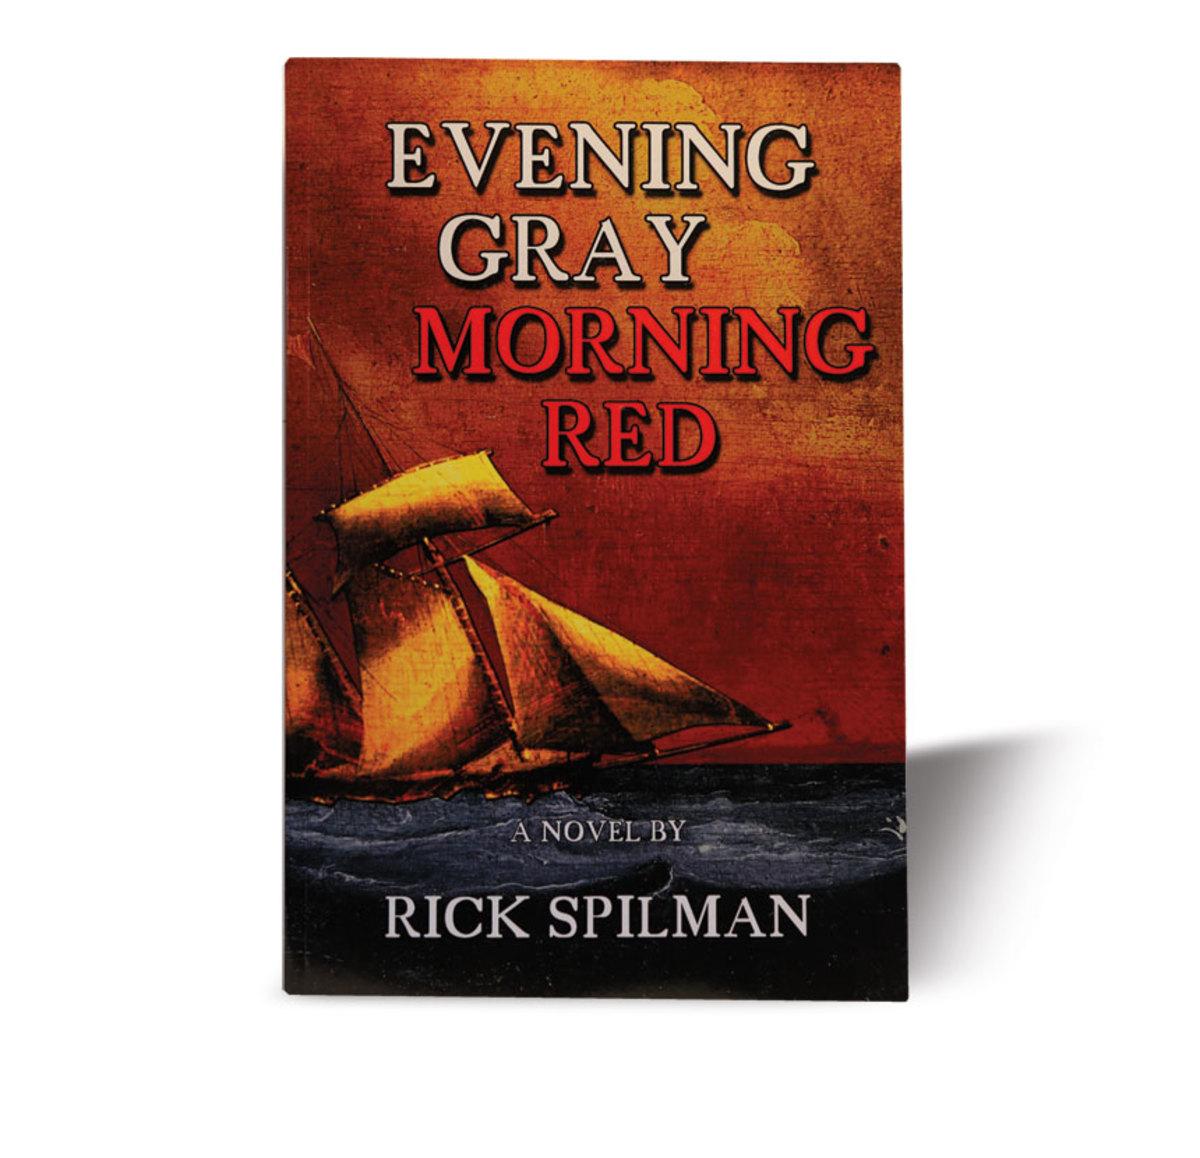 evenin-gray-book-cover